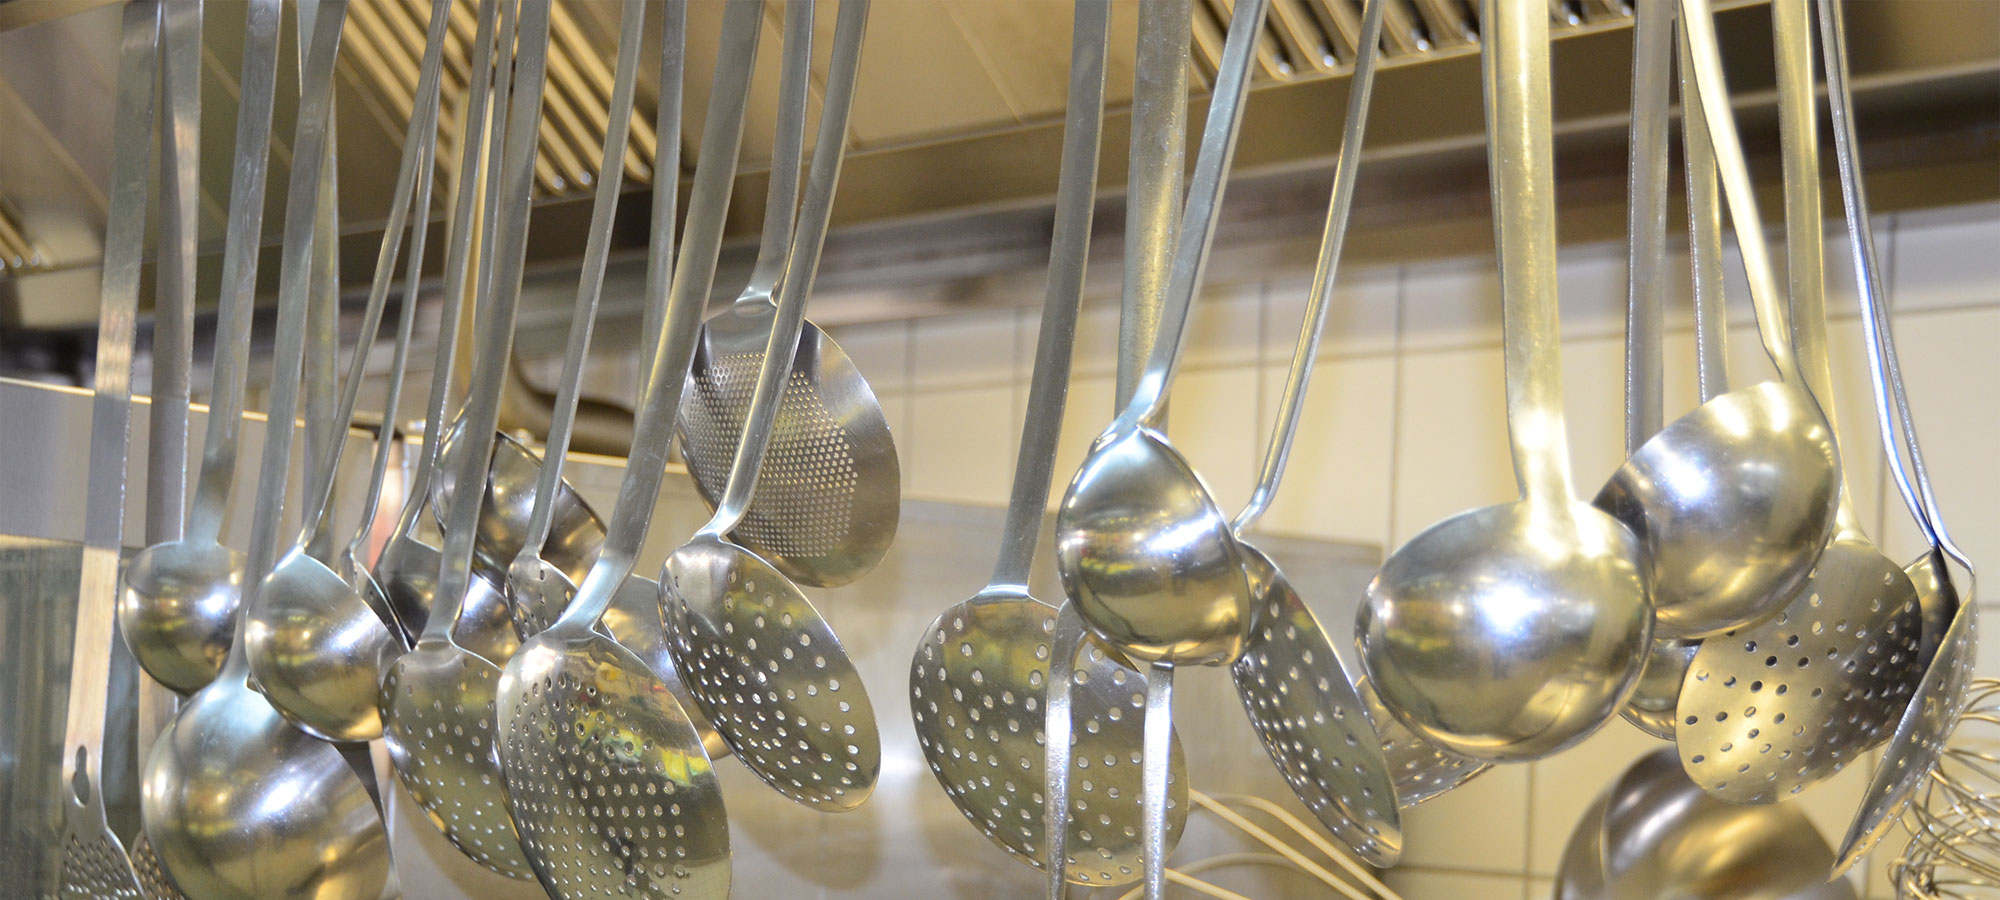 Hängele Küche betriebscatering hägele catering